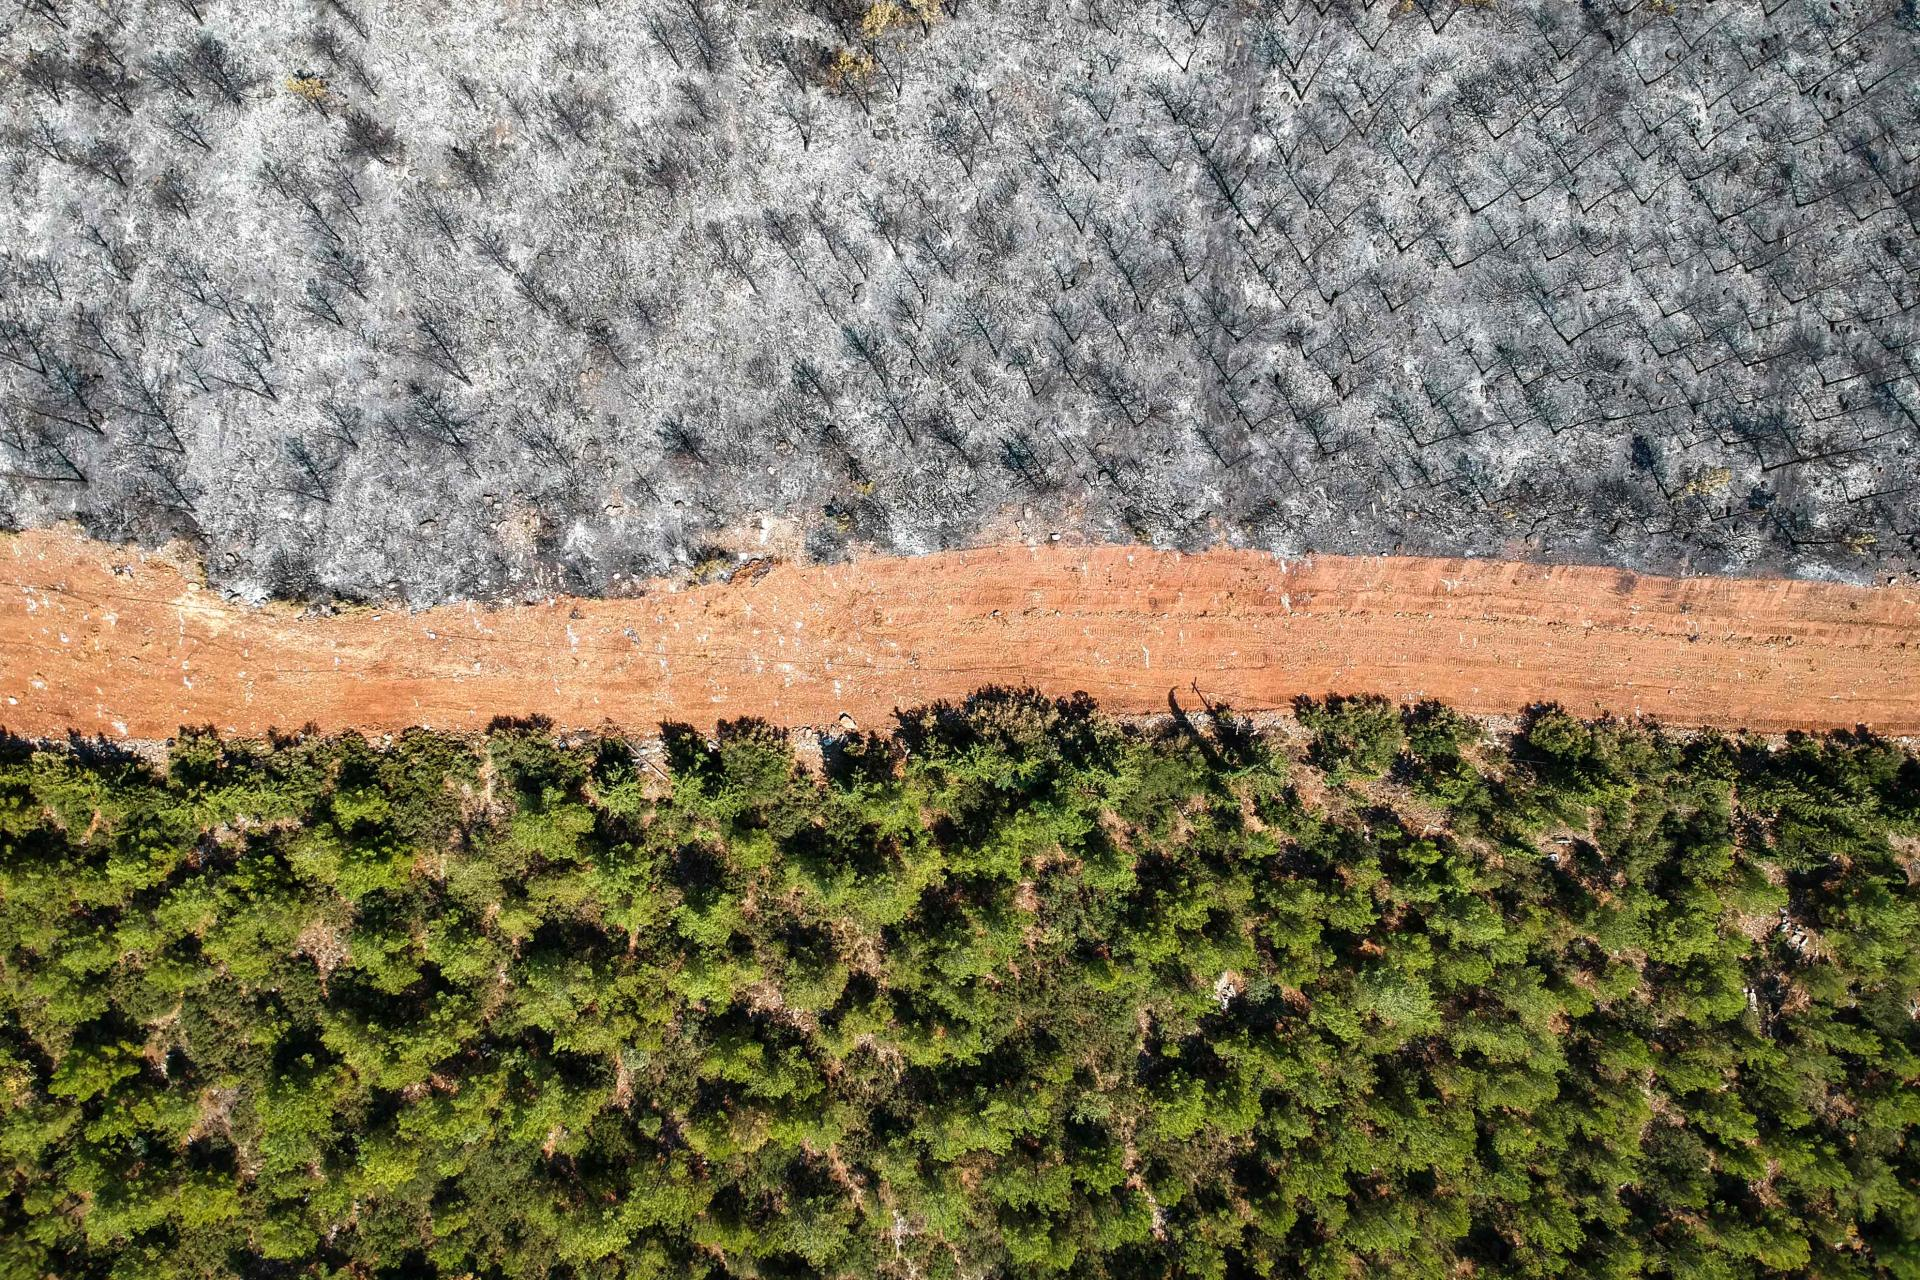 Foto udara diambil di wilayah Mugla, Turki pada 7 Agustus 2021. Jalan hutan ini sempat menjadi titik api.